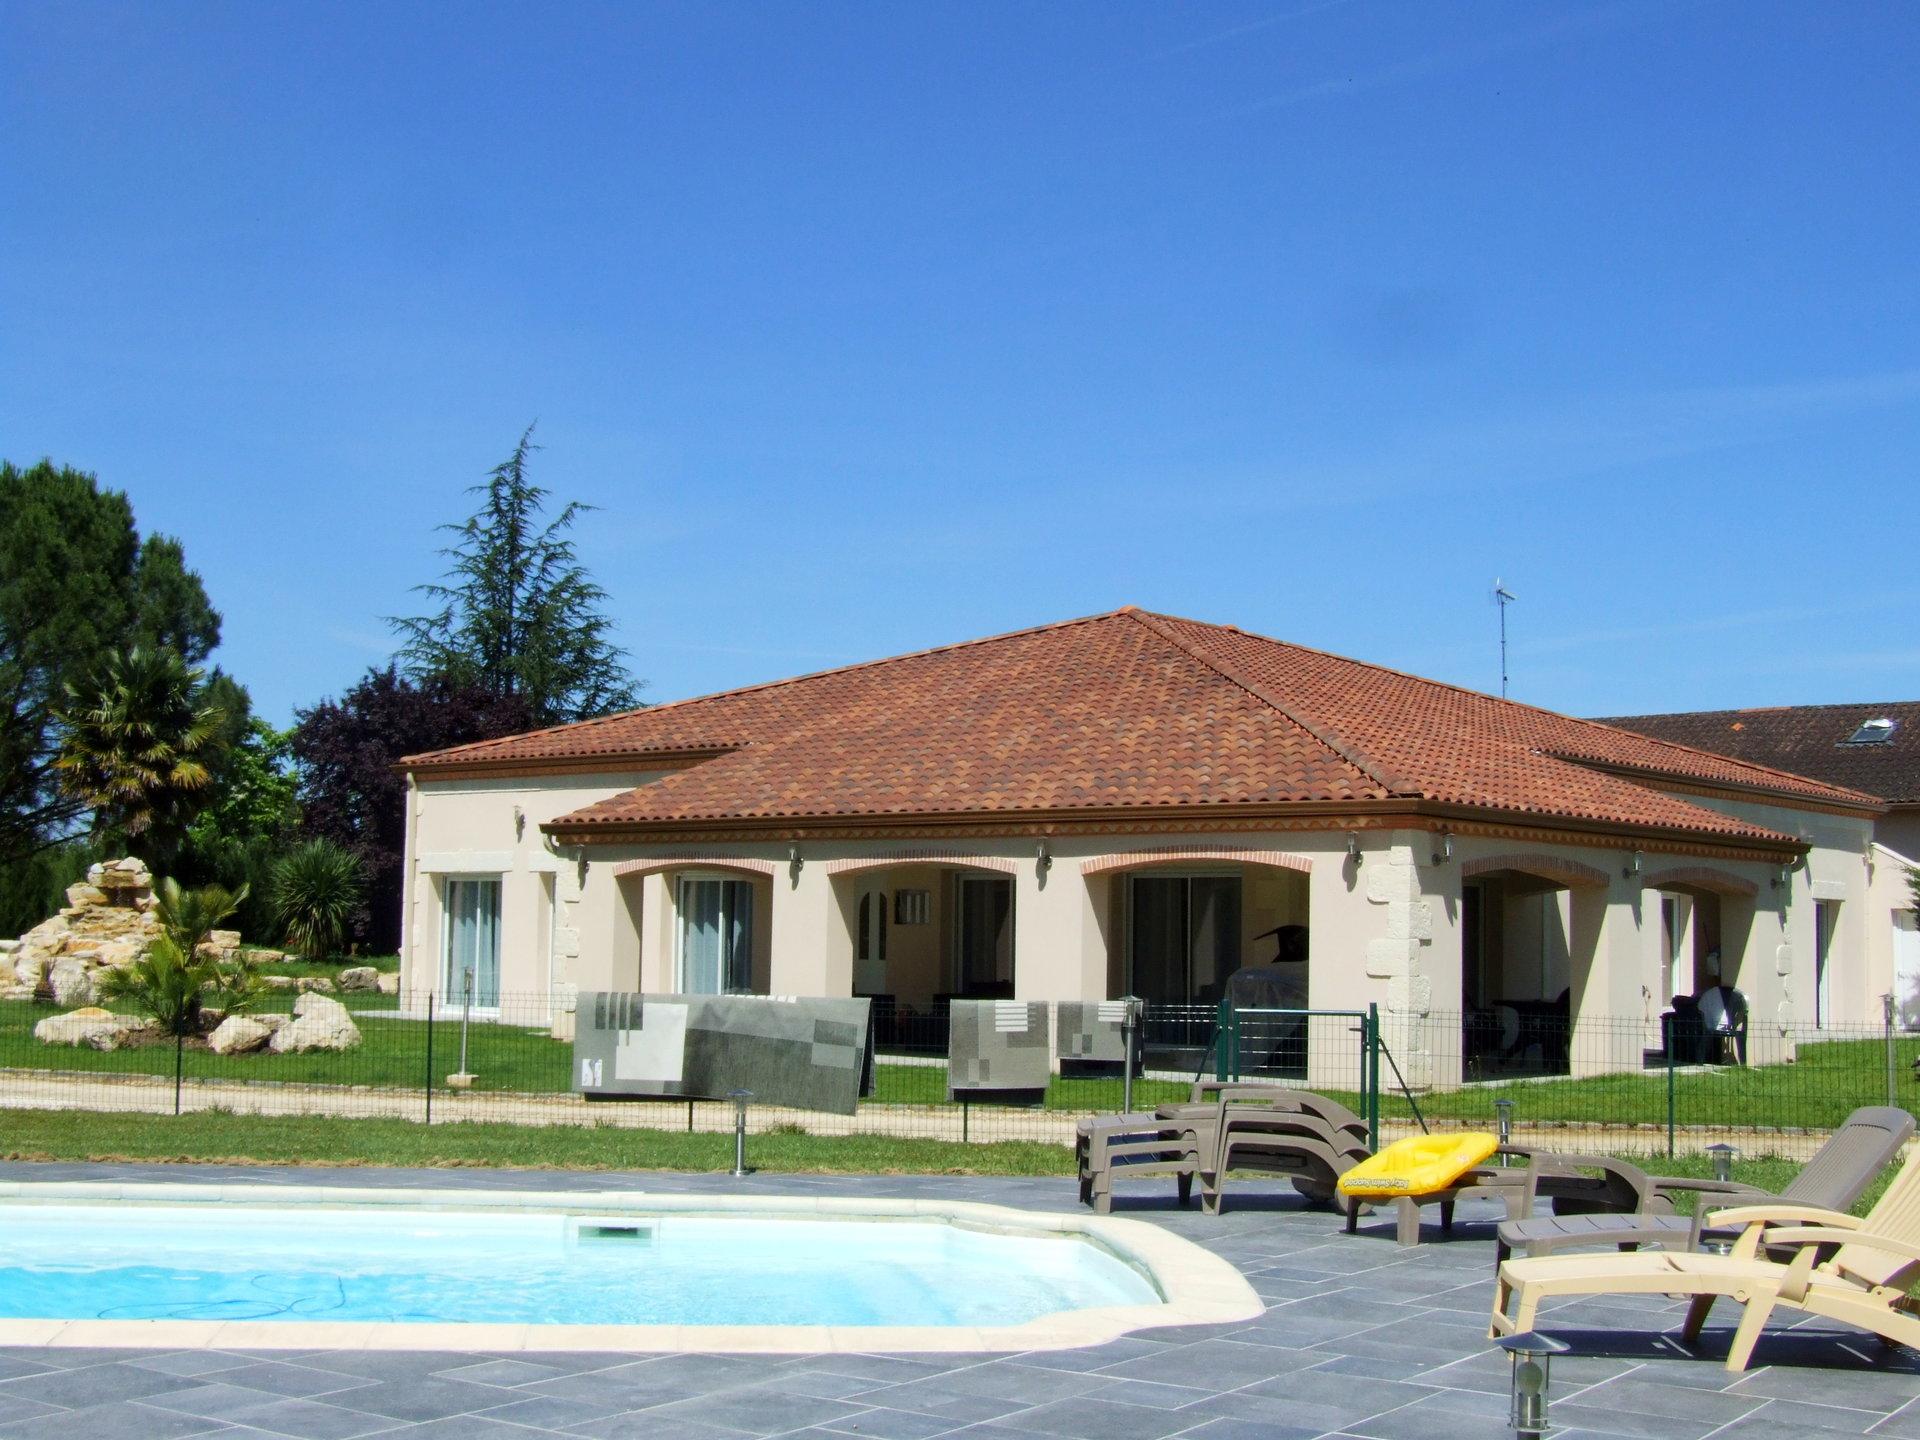 Très belle Villa moderne de 2006 avec piscine  et terrasses sur 6000m² de parc arboré